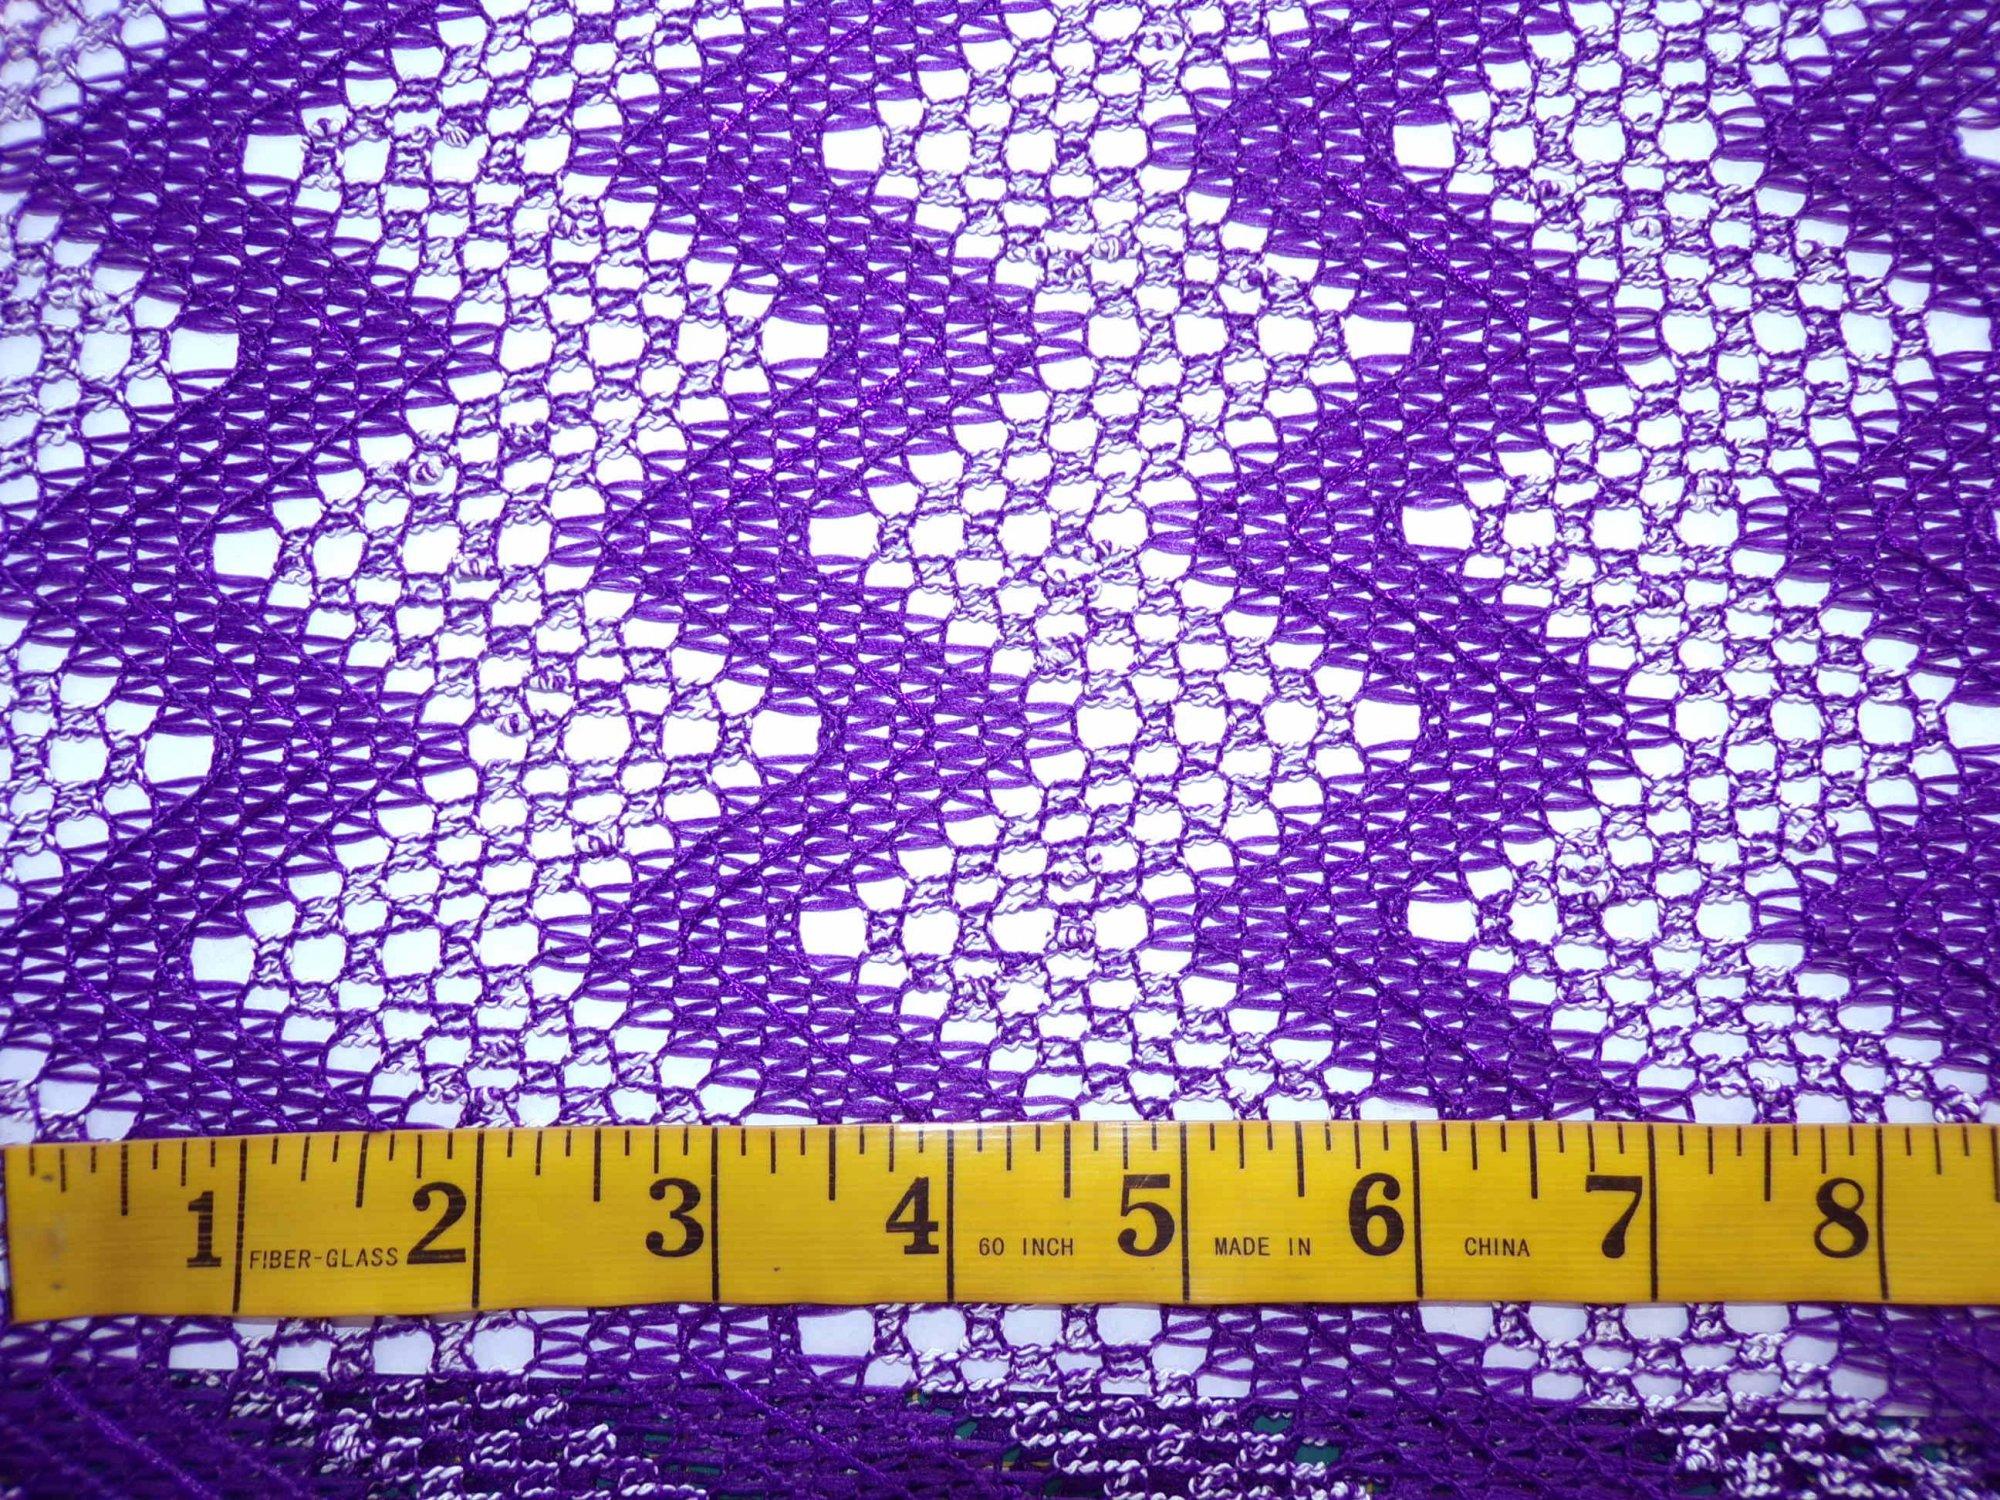 Lace Sweater Knit - Purple Chevrons